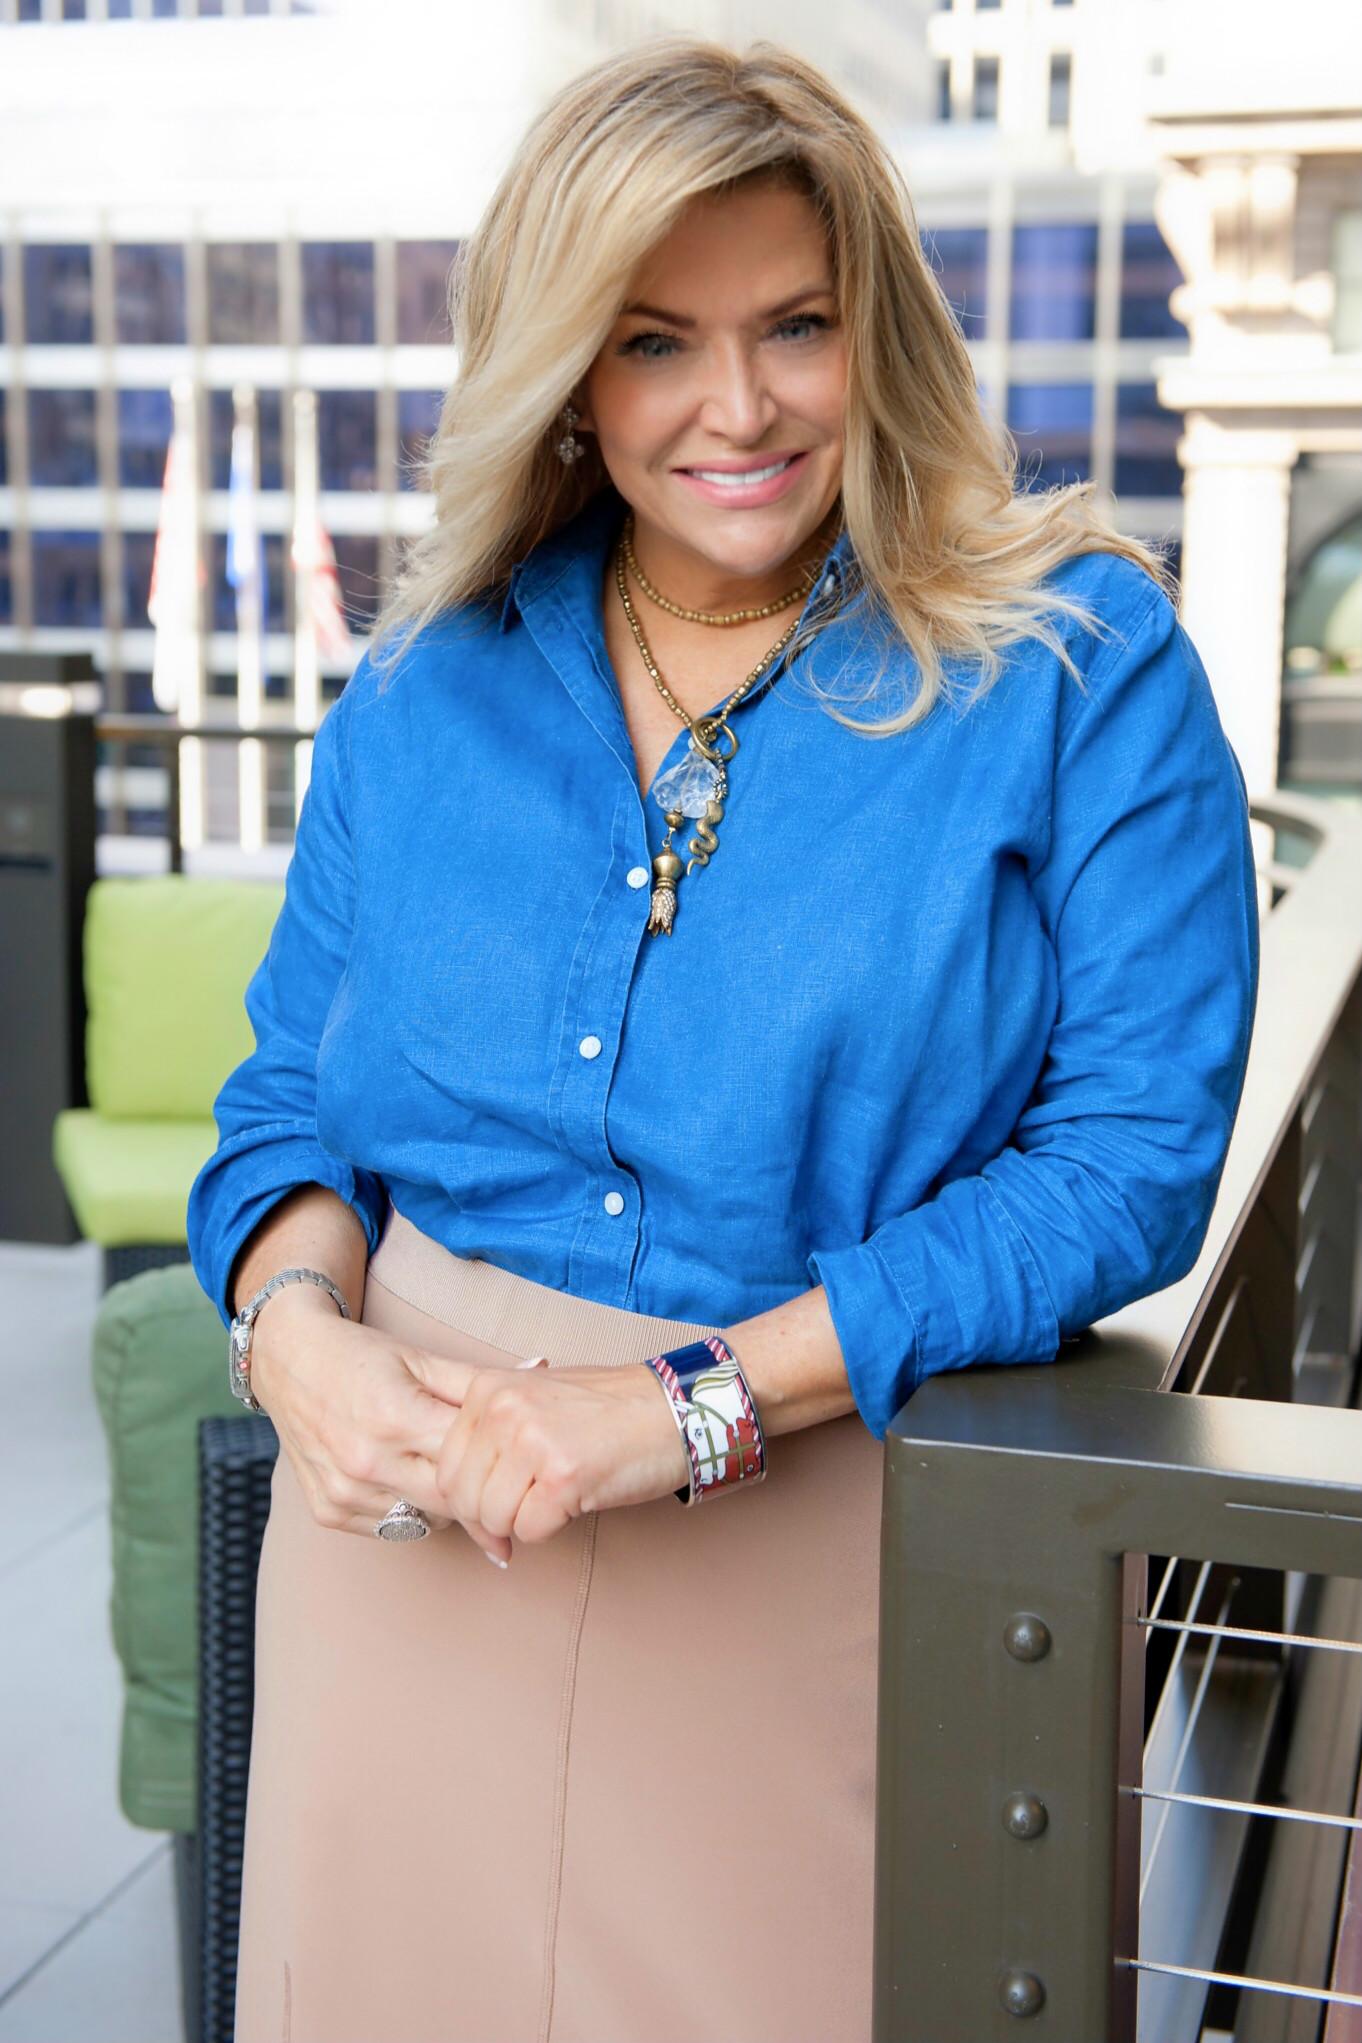 Linda Saggau